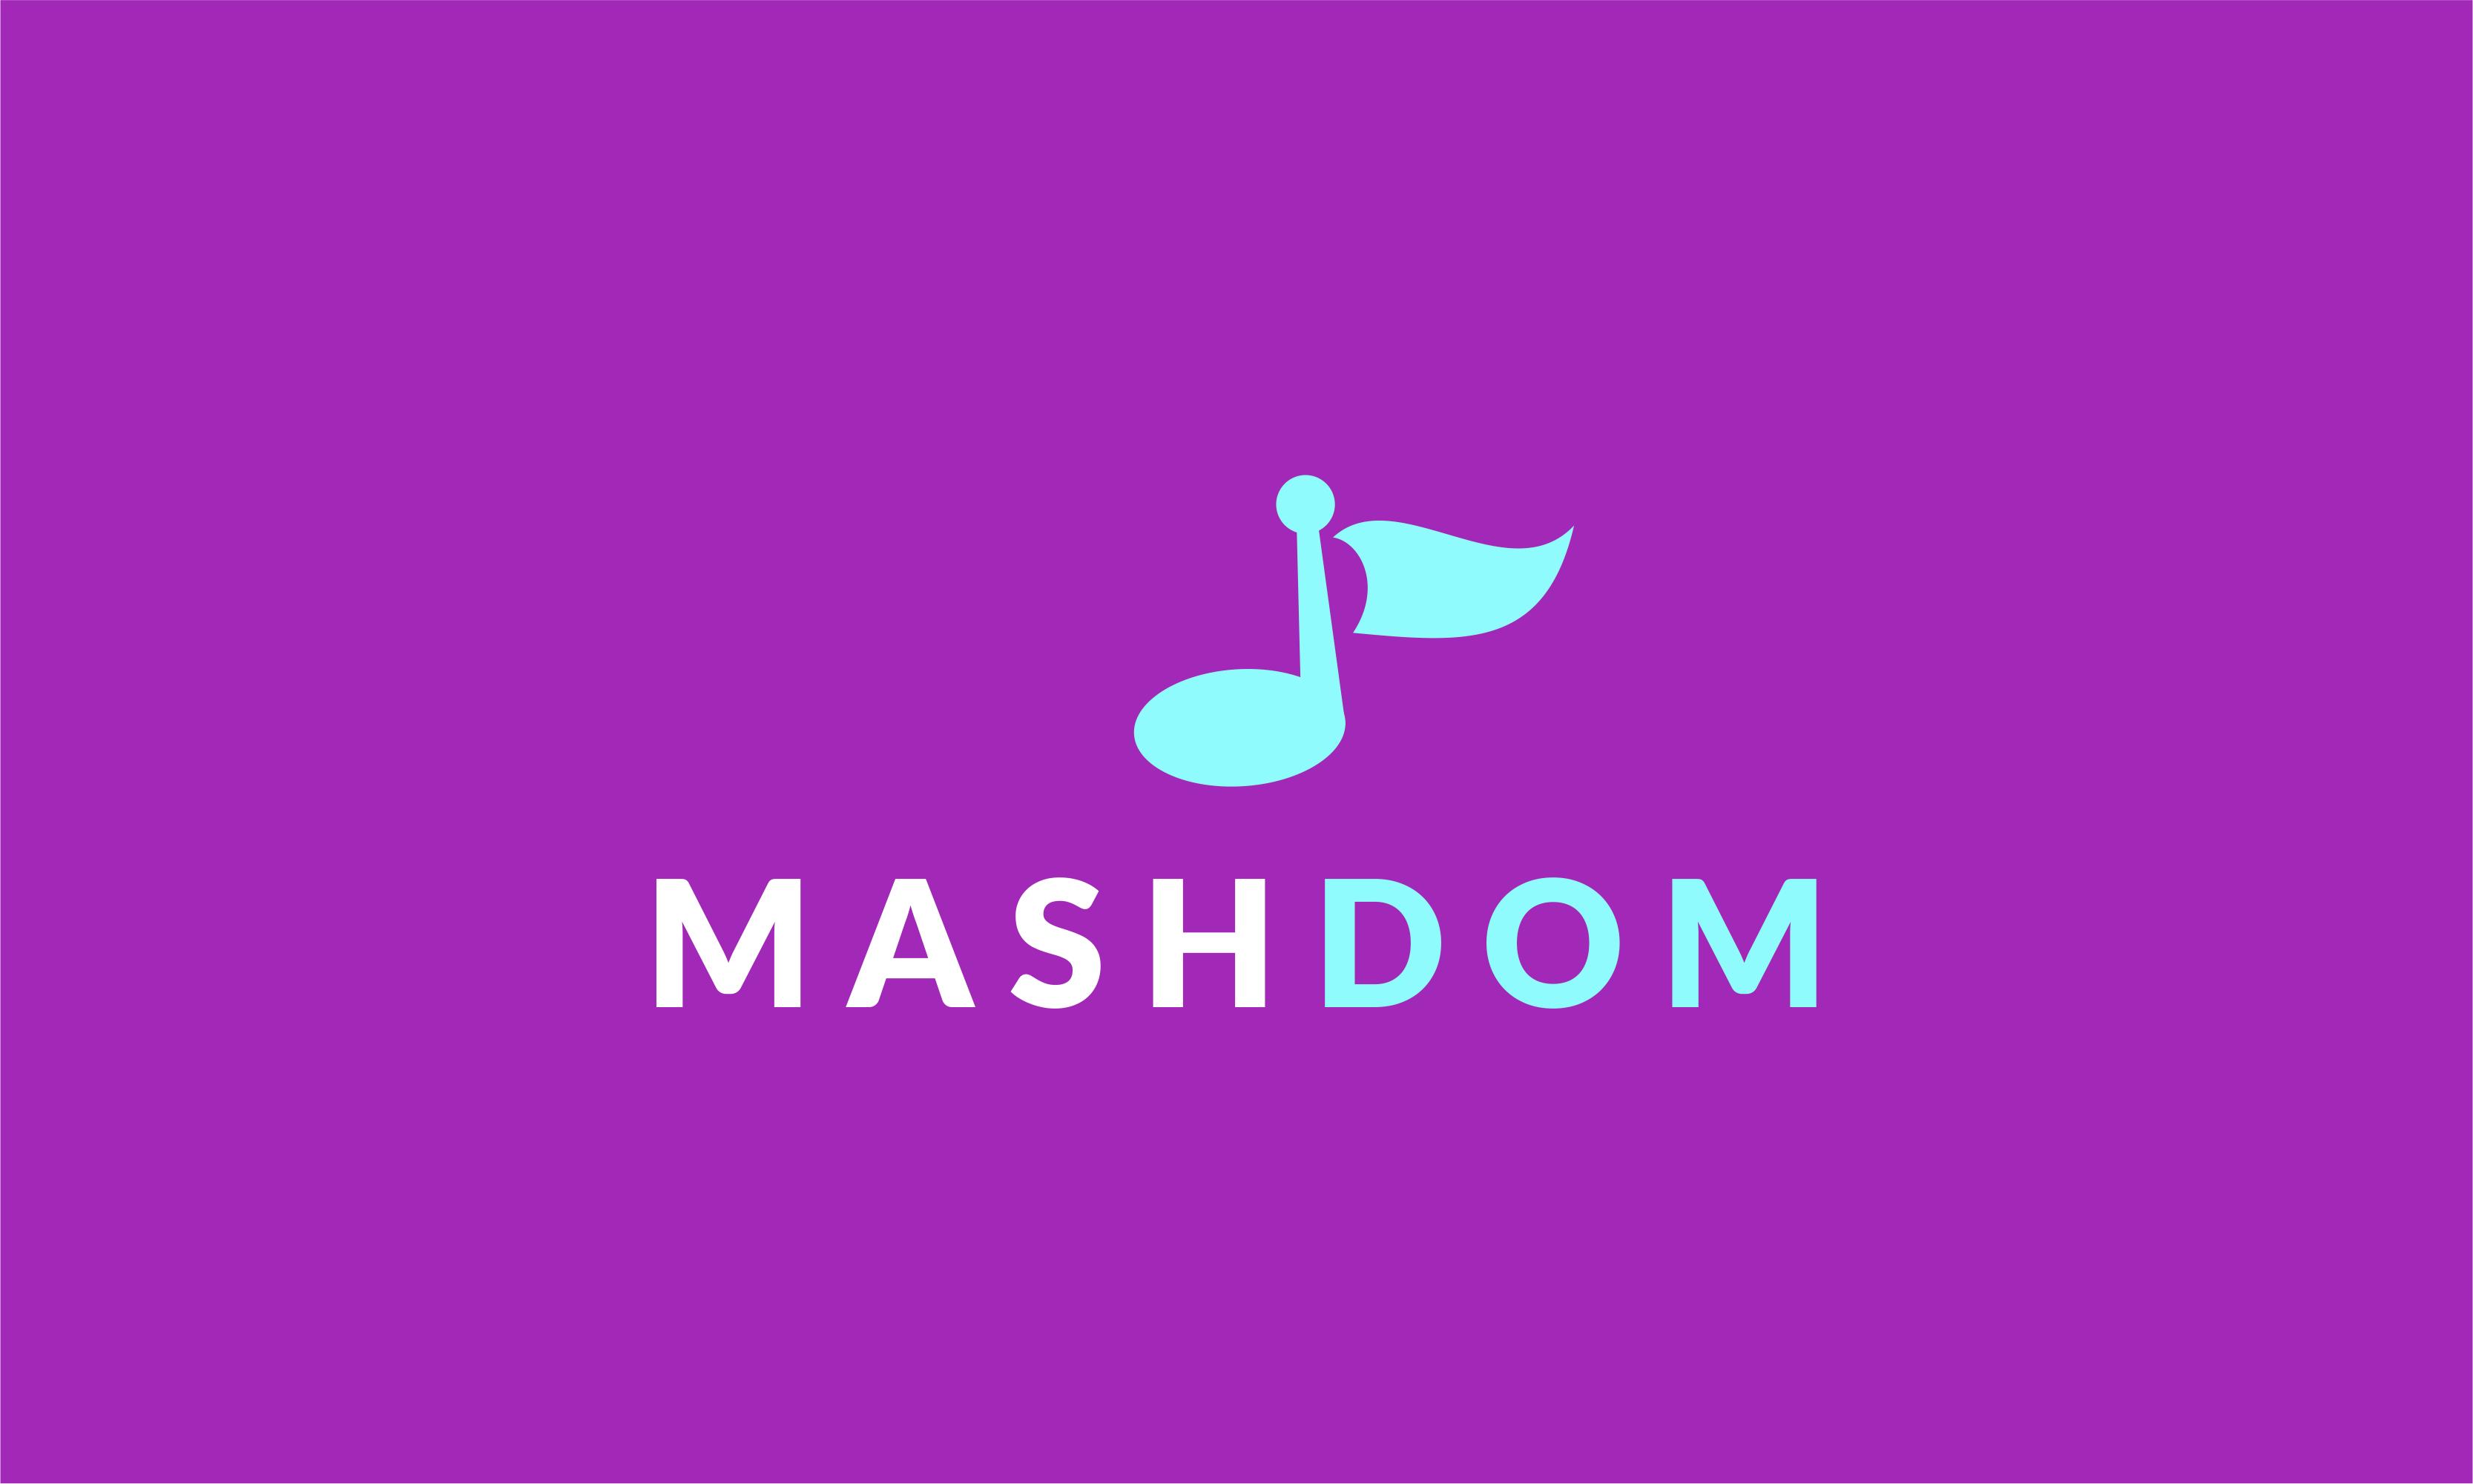 Mashdom